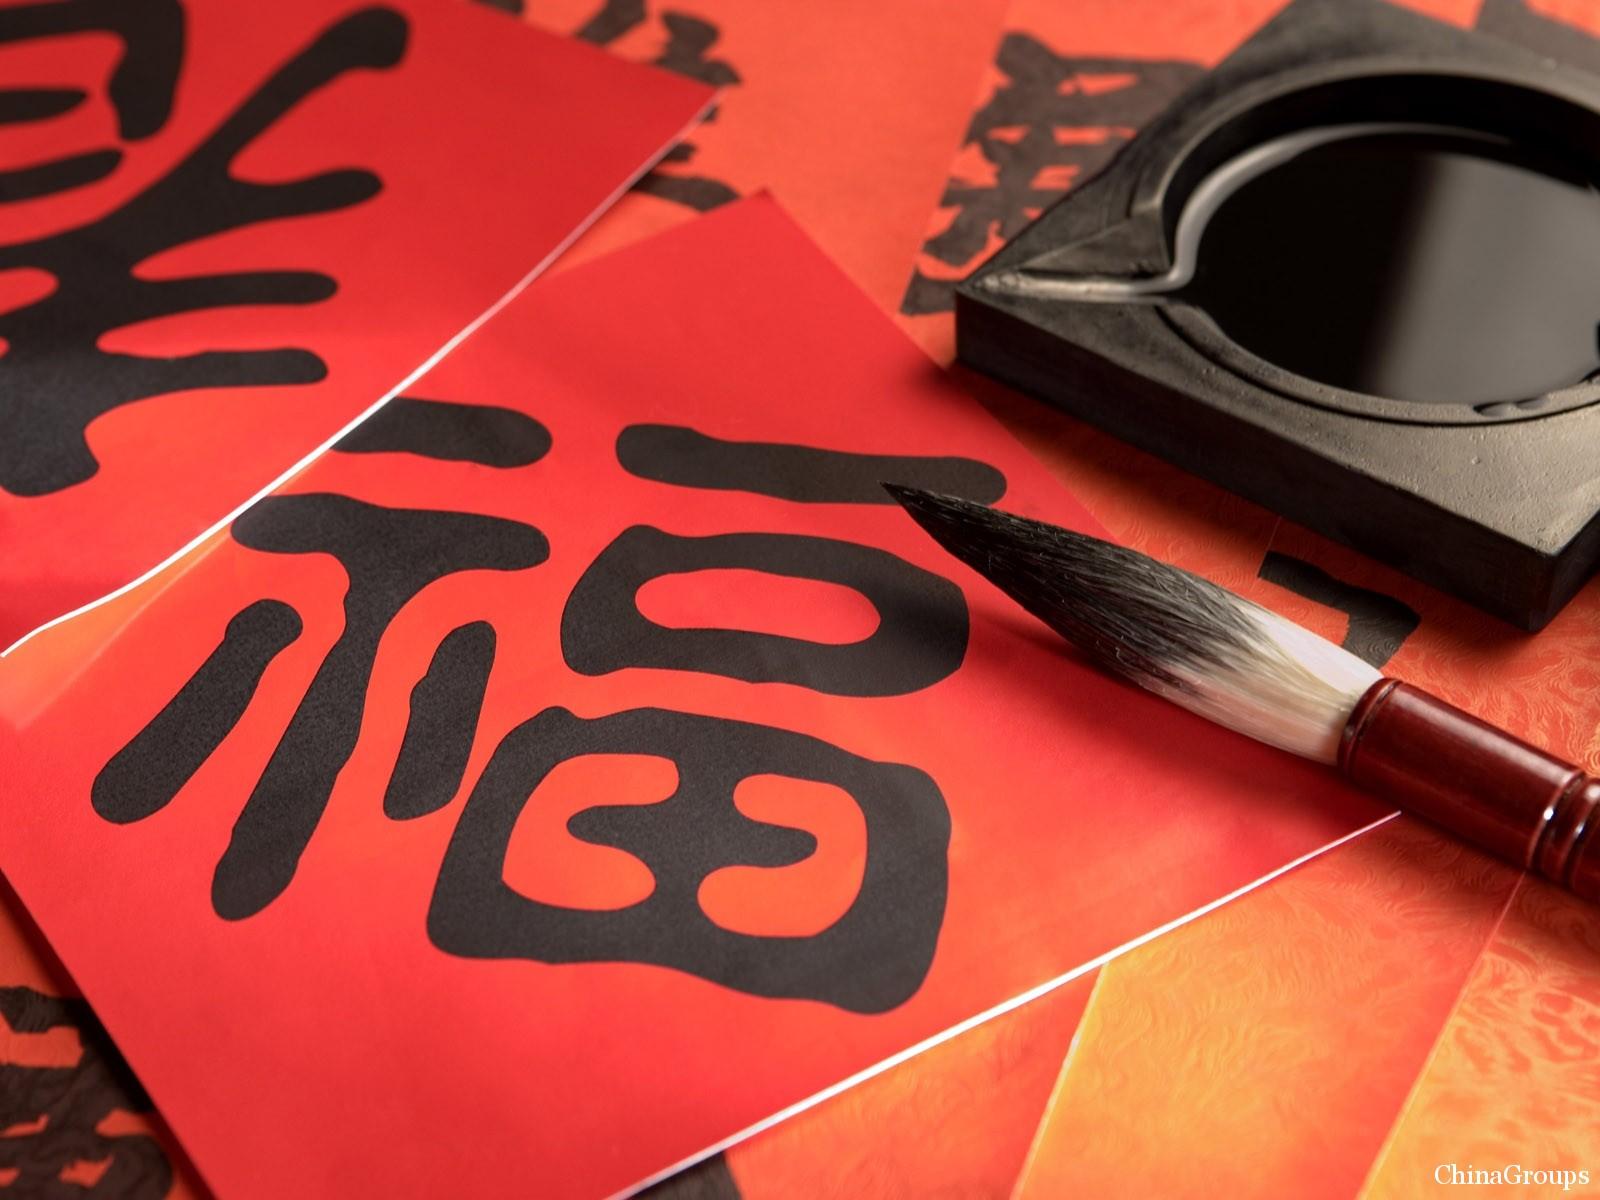 написание китайских иероглифов